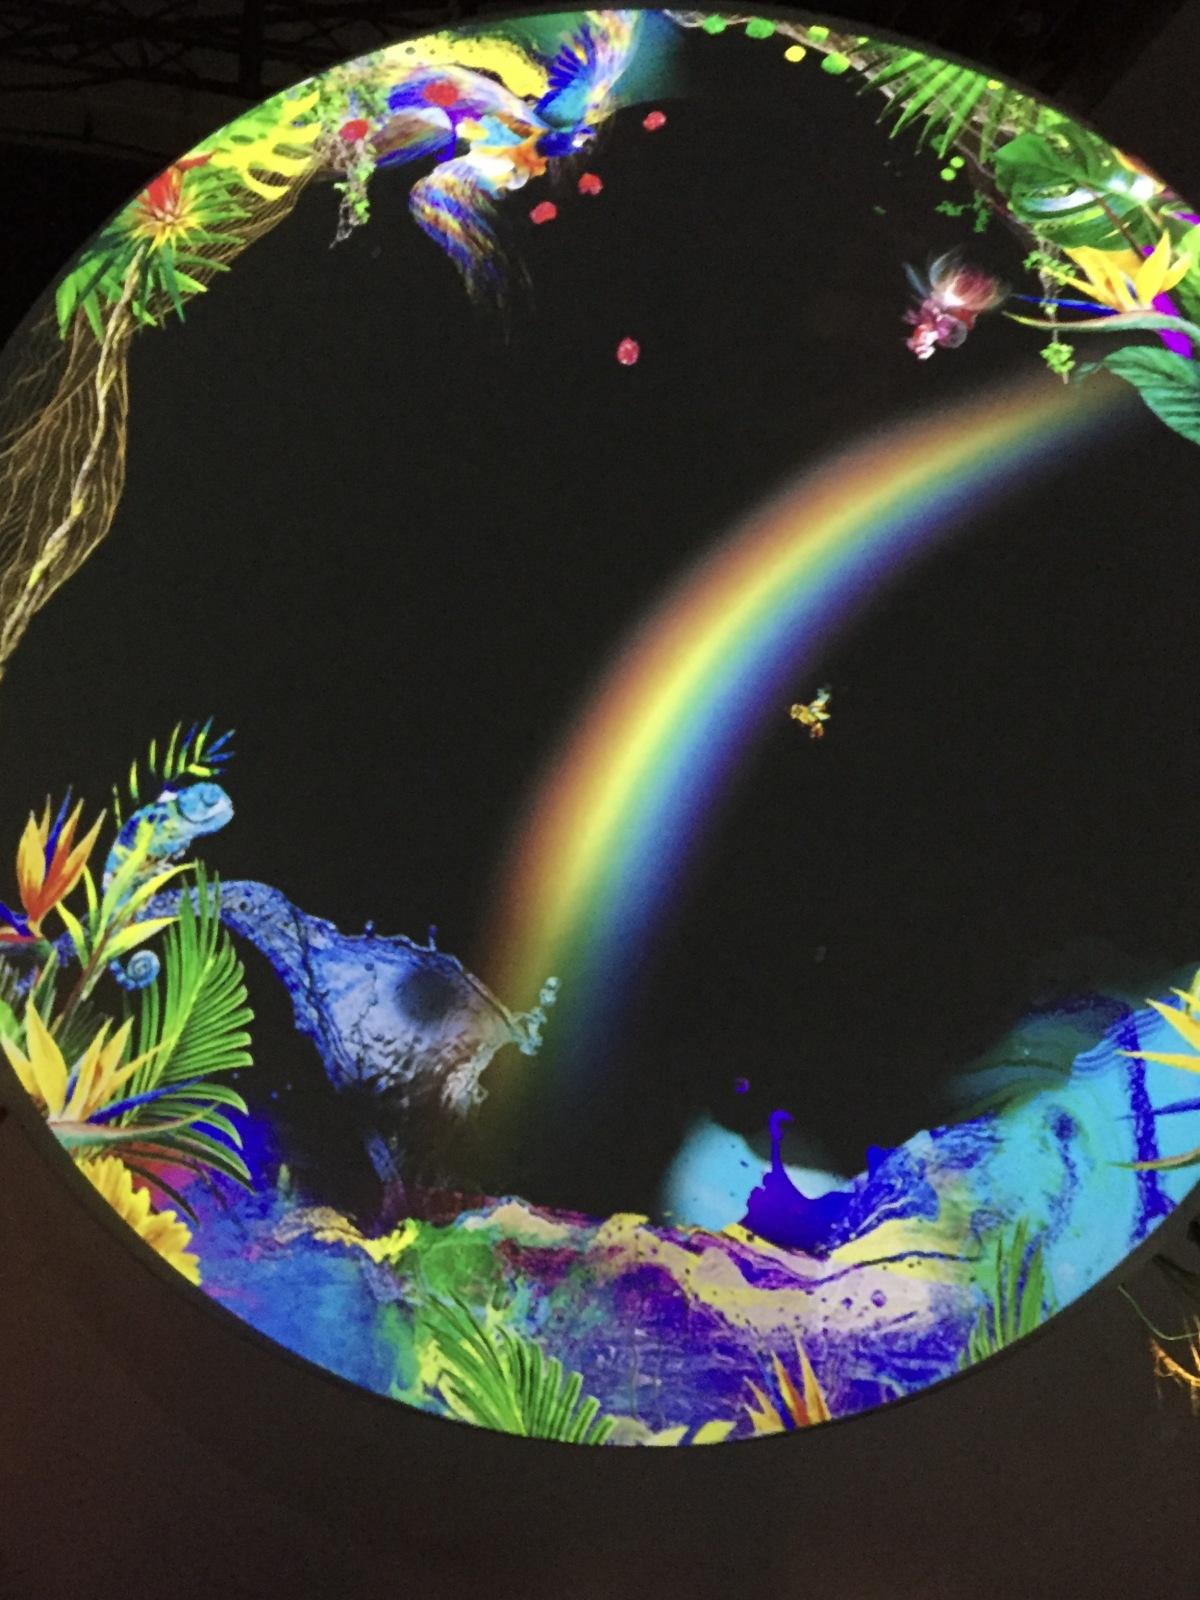 <社会を知る>『FLOWERS BY NAKED 魅惑の楽園』-バーチャルリアリティの未来-